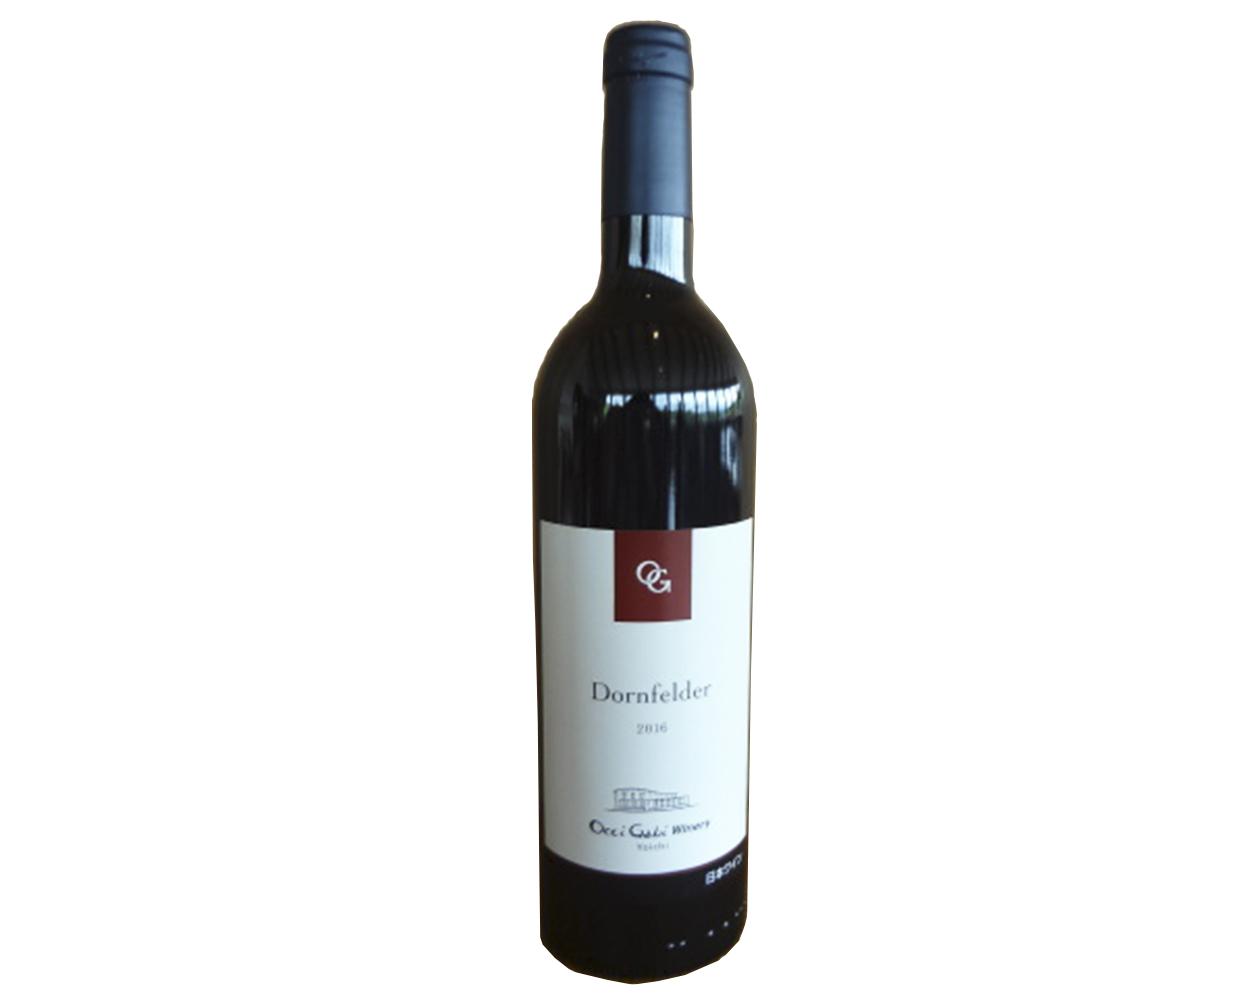 赤ワイン ドルンフェルダー 2016 750ml